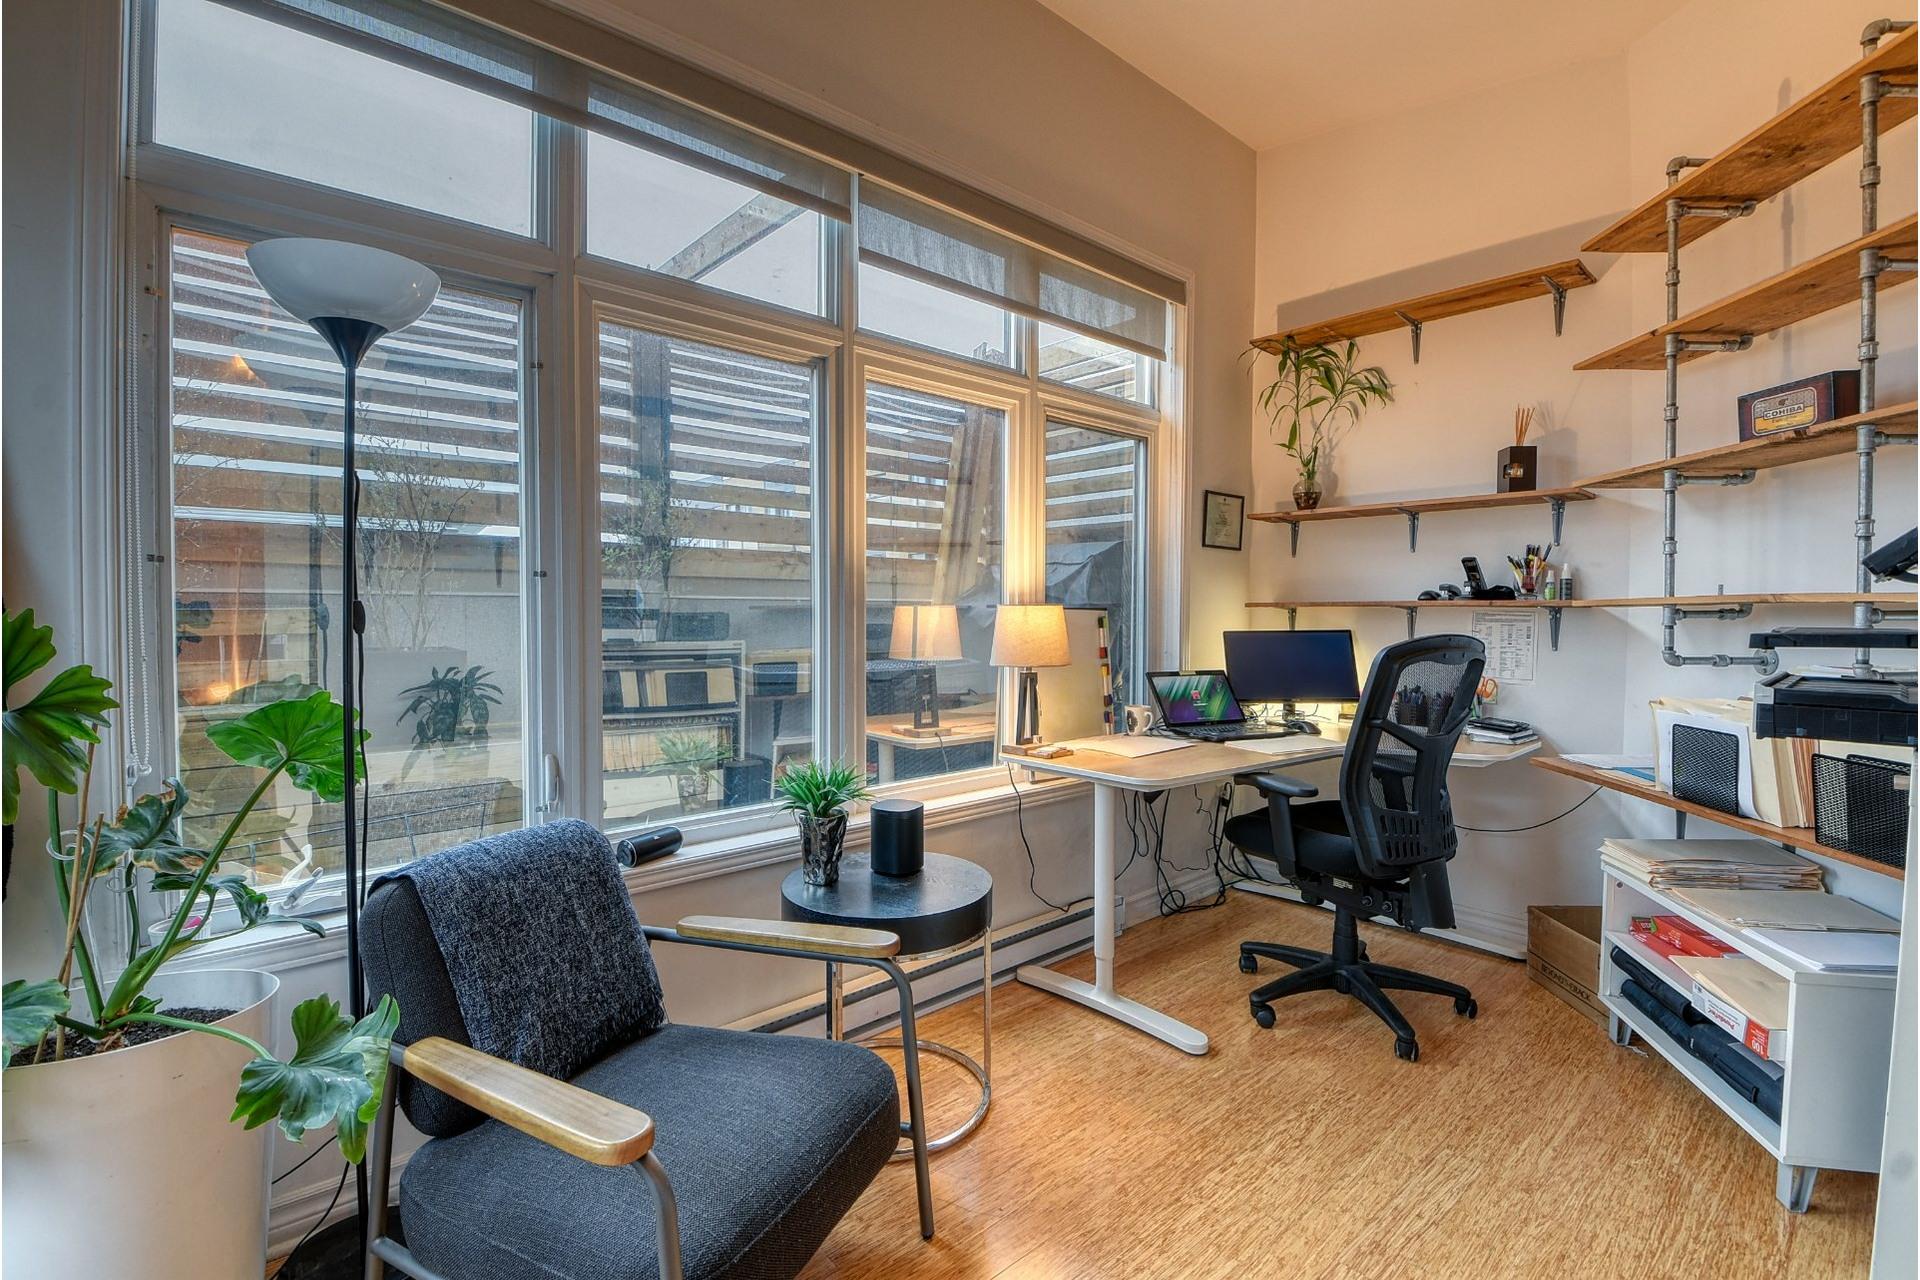 image 18 - Appartement À vendre Lachine Montréal  - 7 pièces